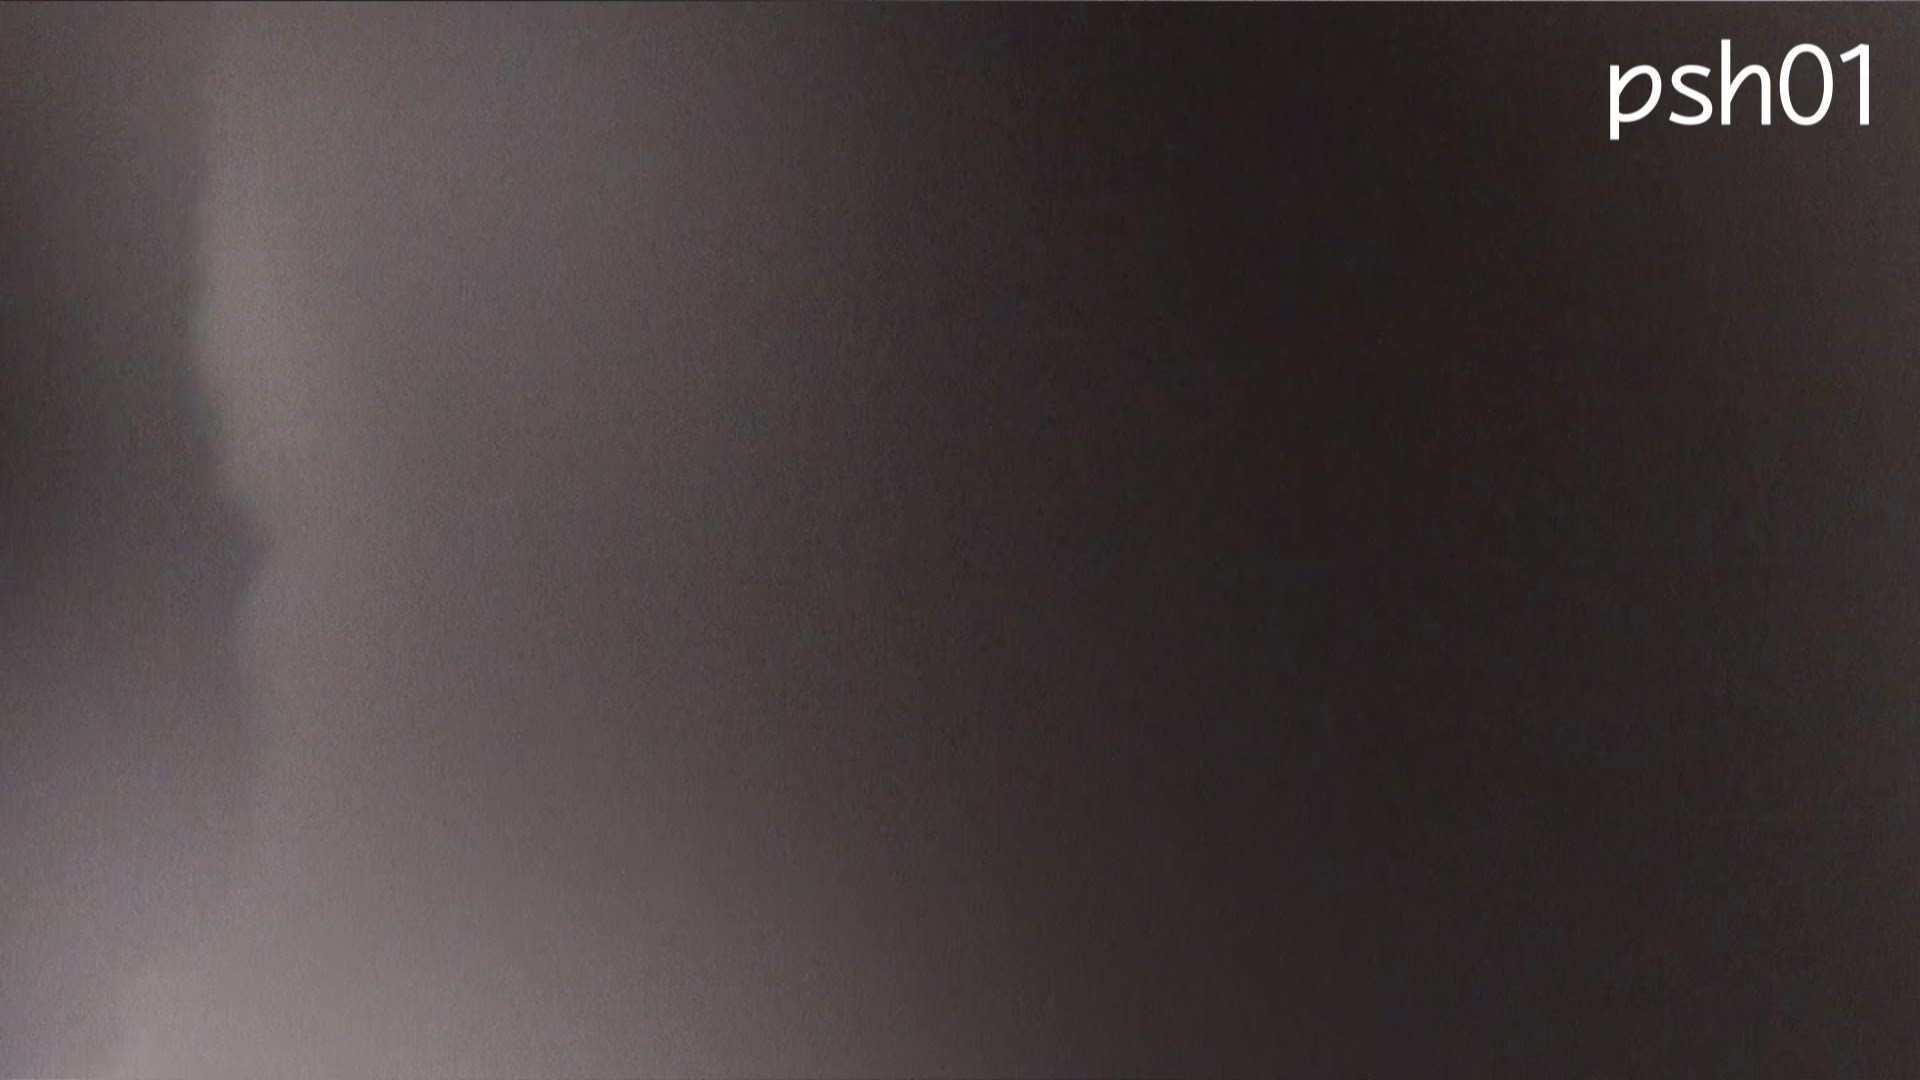 ▲復活限定▲ハイビジョン 盗神伝 Vol.1 丸見え すけべAV動画紹介 51画像 3